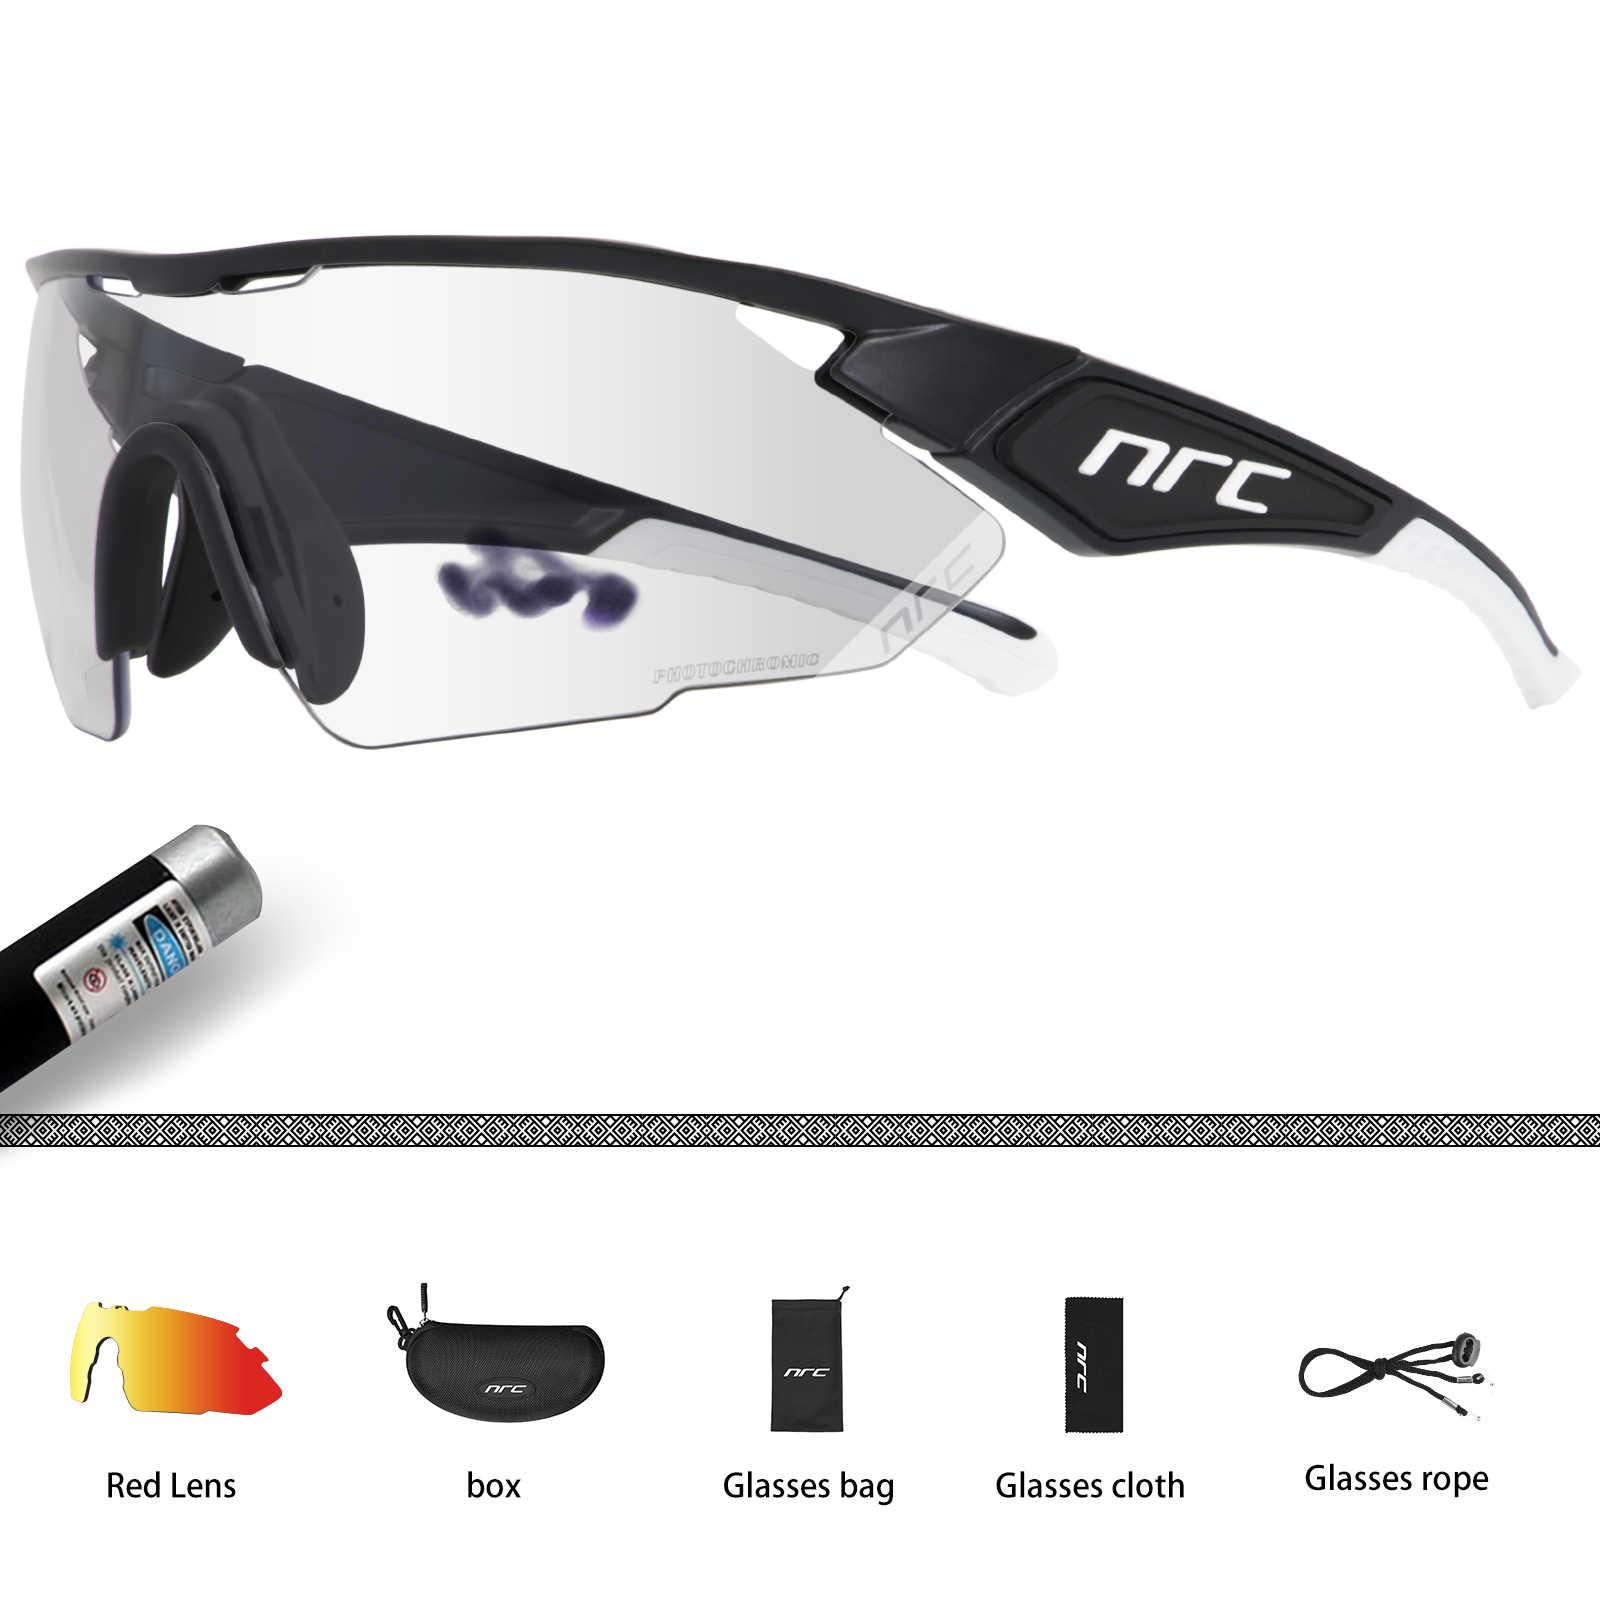 NRC фотохромные велосипедные очки для велосипеда Для мужчин Для женщин Для мужчин MTB велосипеда для верховой езды Рыбалка очки Цвет изменение солнечные очки